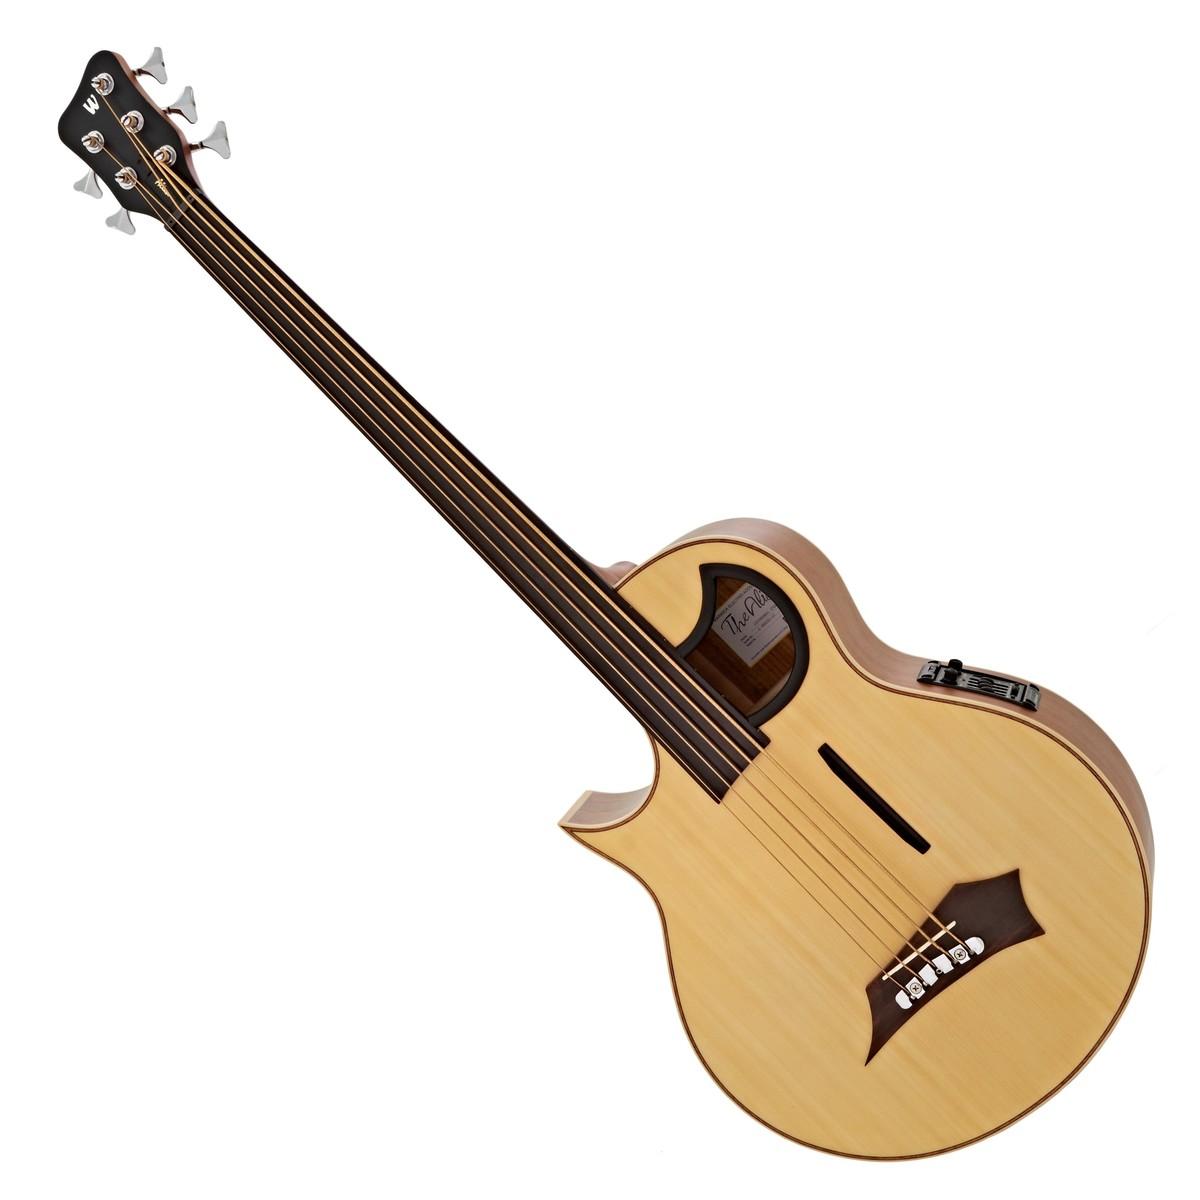 warwick alien fretless 5 string bass left handed natural satin at gear4music. Black Bedroom Furniture Sets. Home Design Ideas